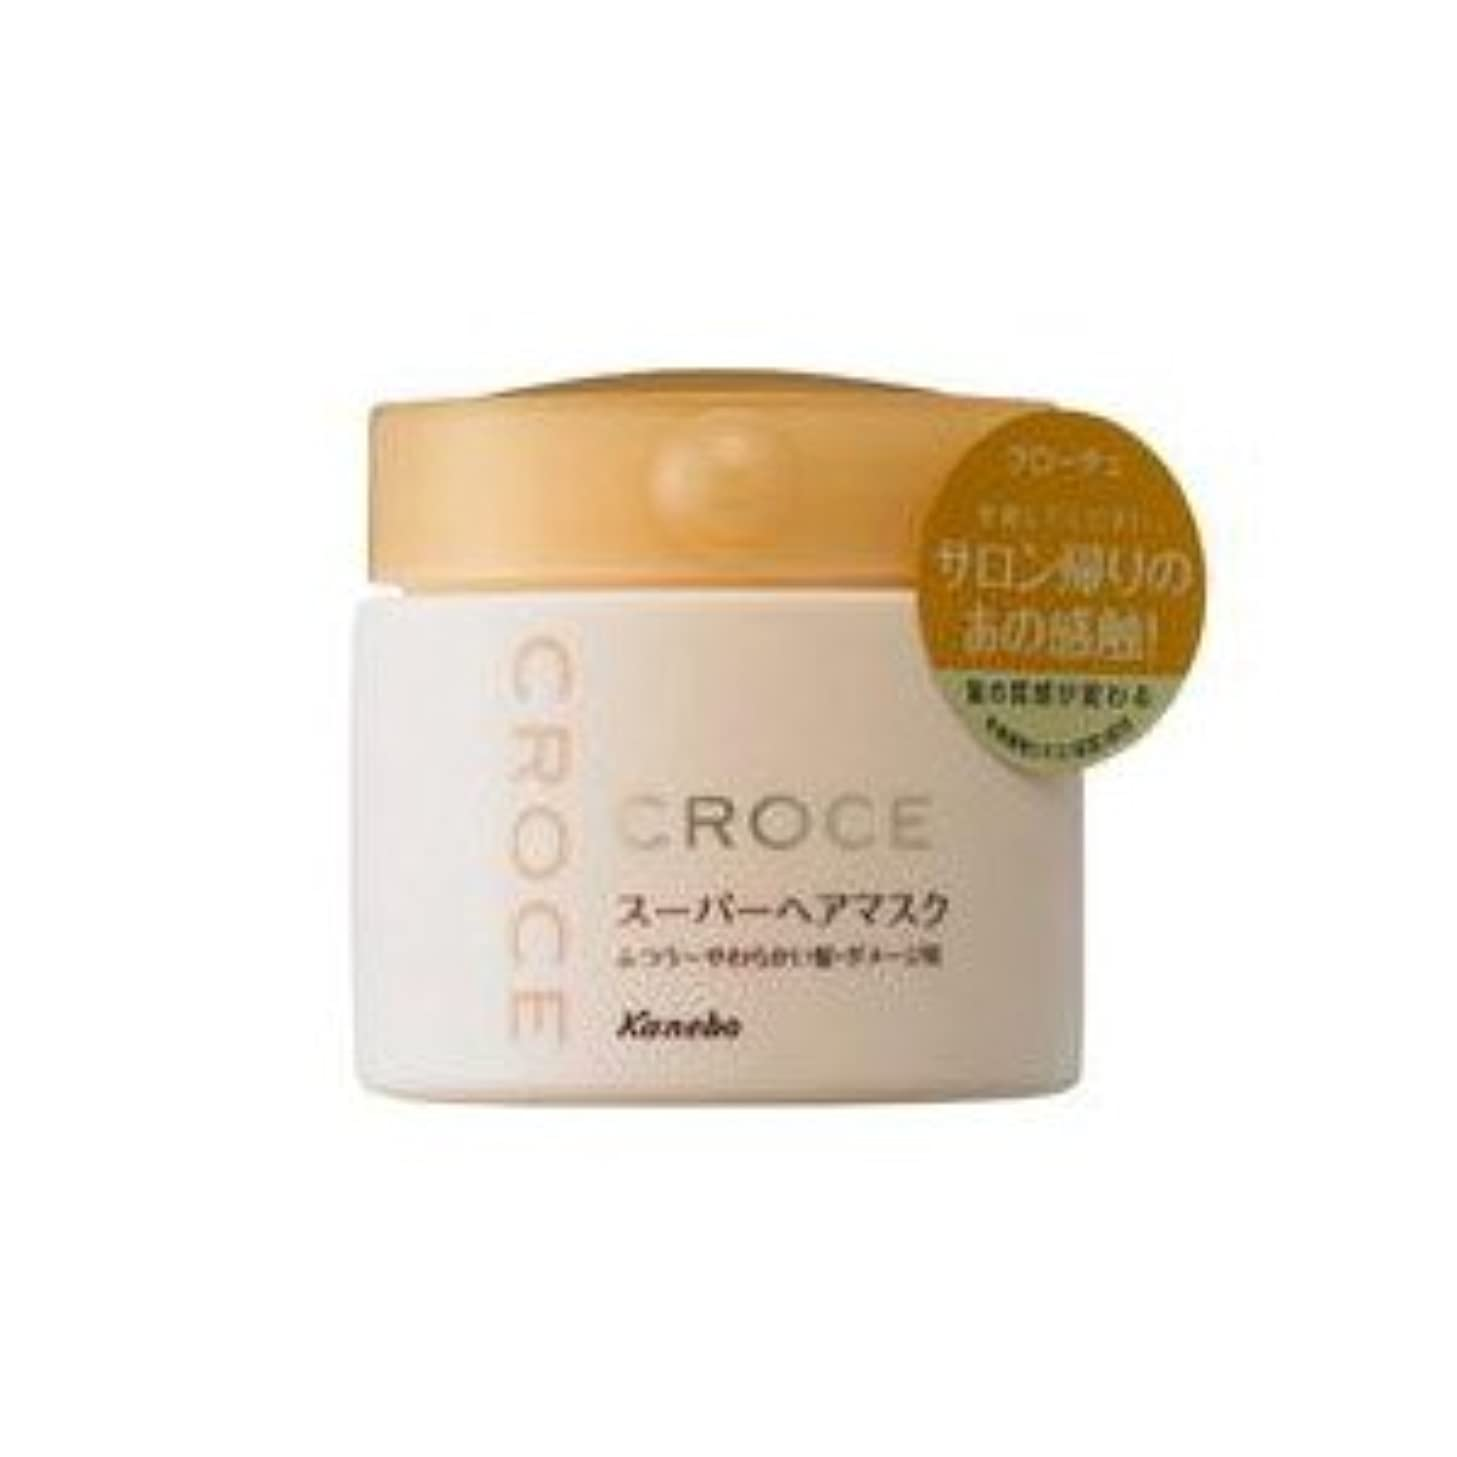 デコレーション音リマカネボウ CROCE(クローチェ) スーパーヘアマスクS(ふつう?やわらかい髪用)250g